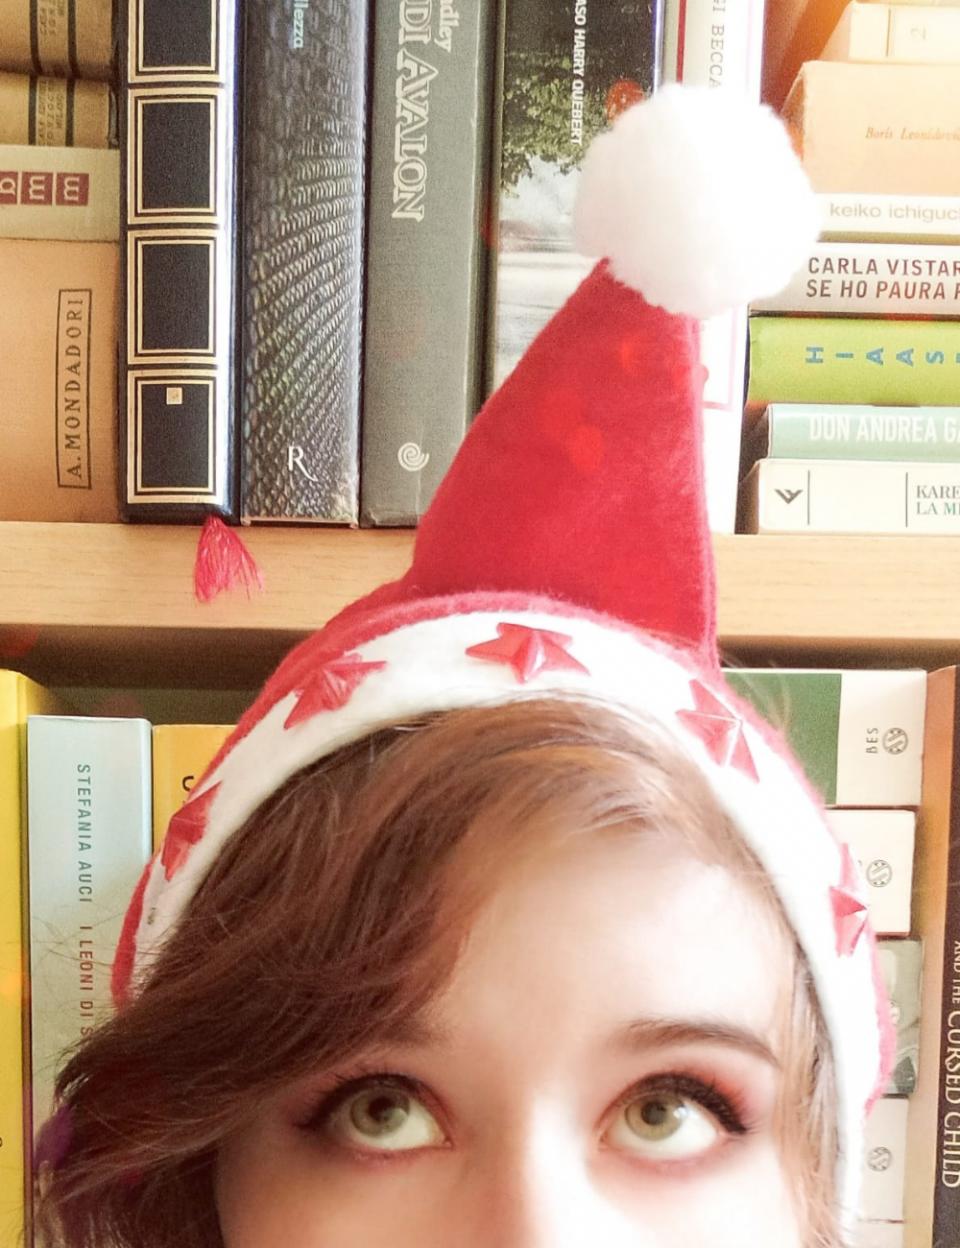 Veronica Rosazza Prin e i risultati del suo primo giveaway, per regalare una copia del romanzo In nome mio